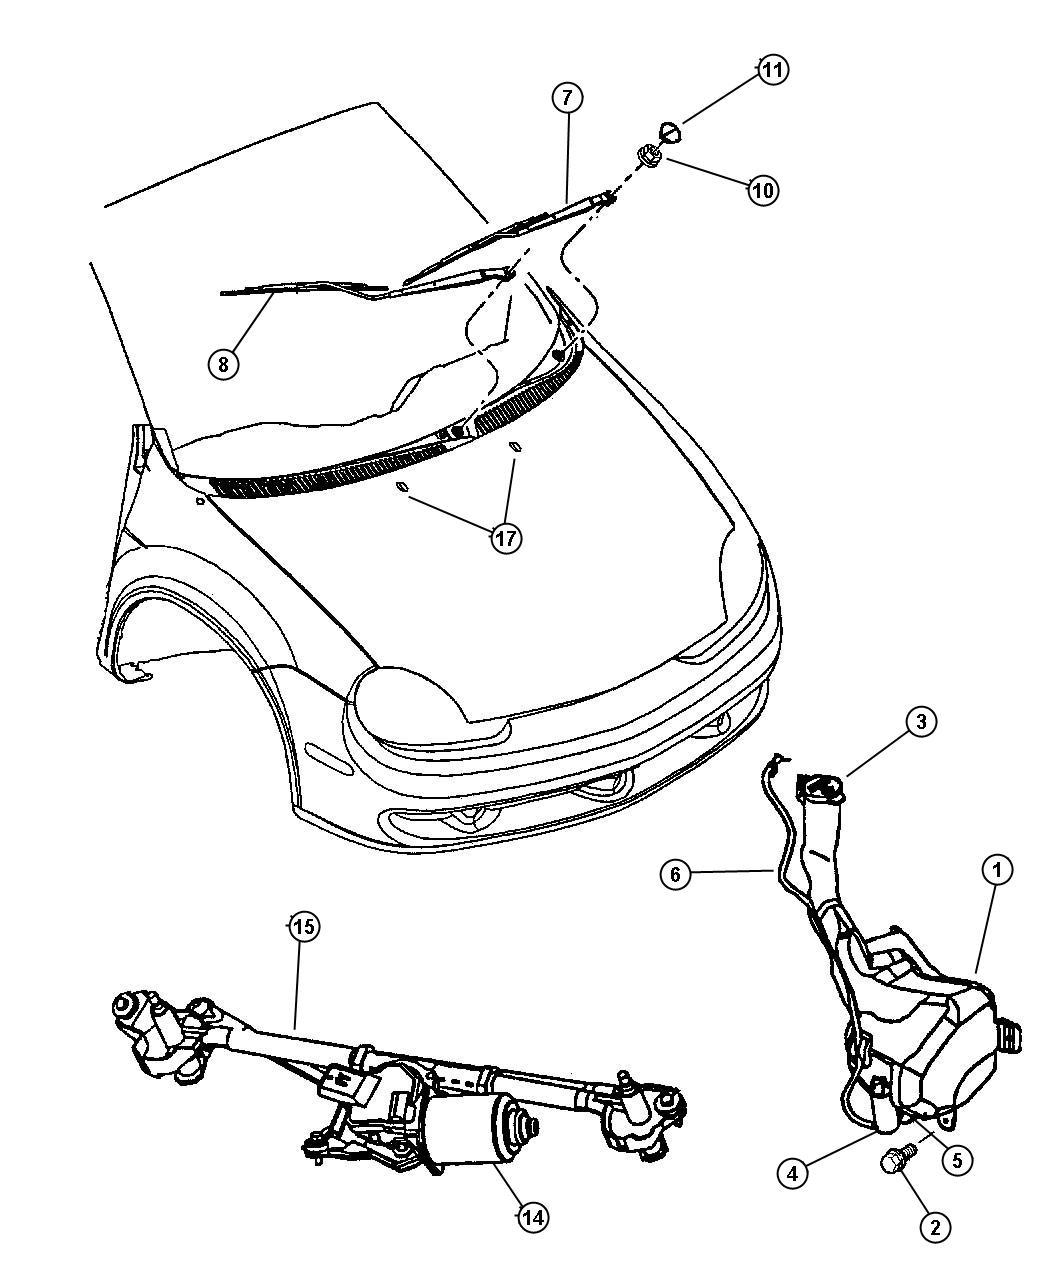 Dodge Neon Pump Washer Windshield Rear